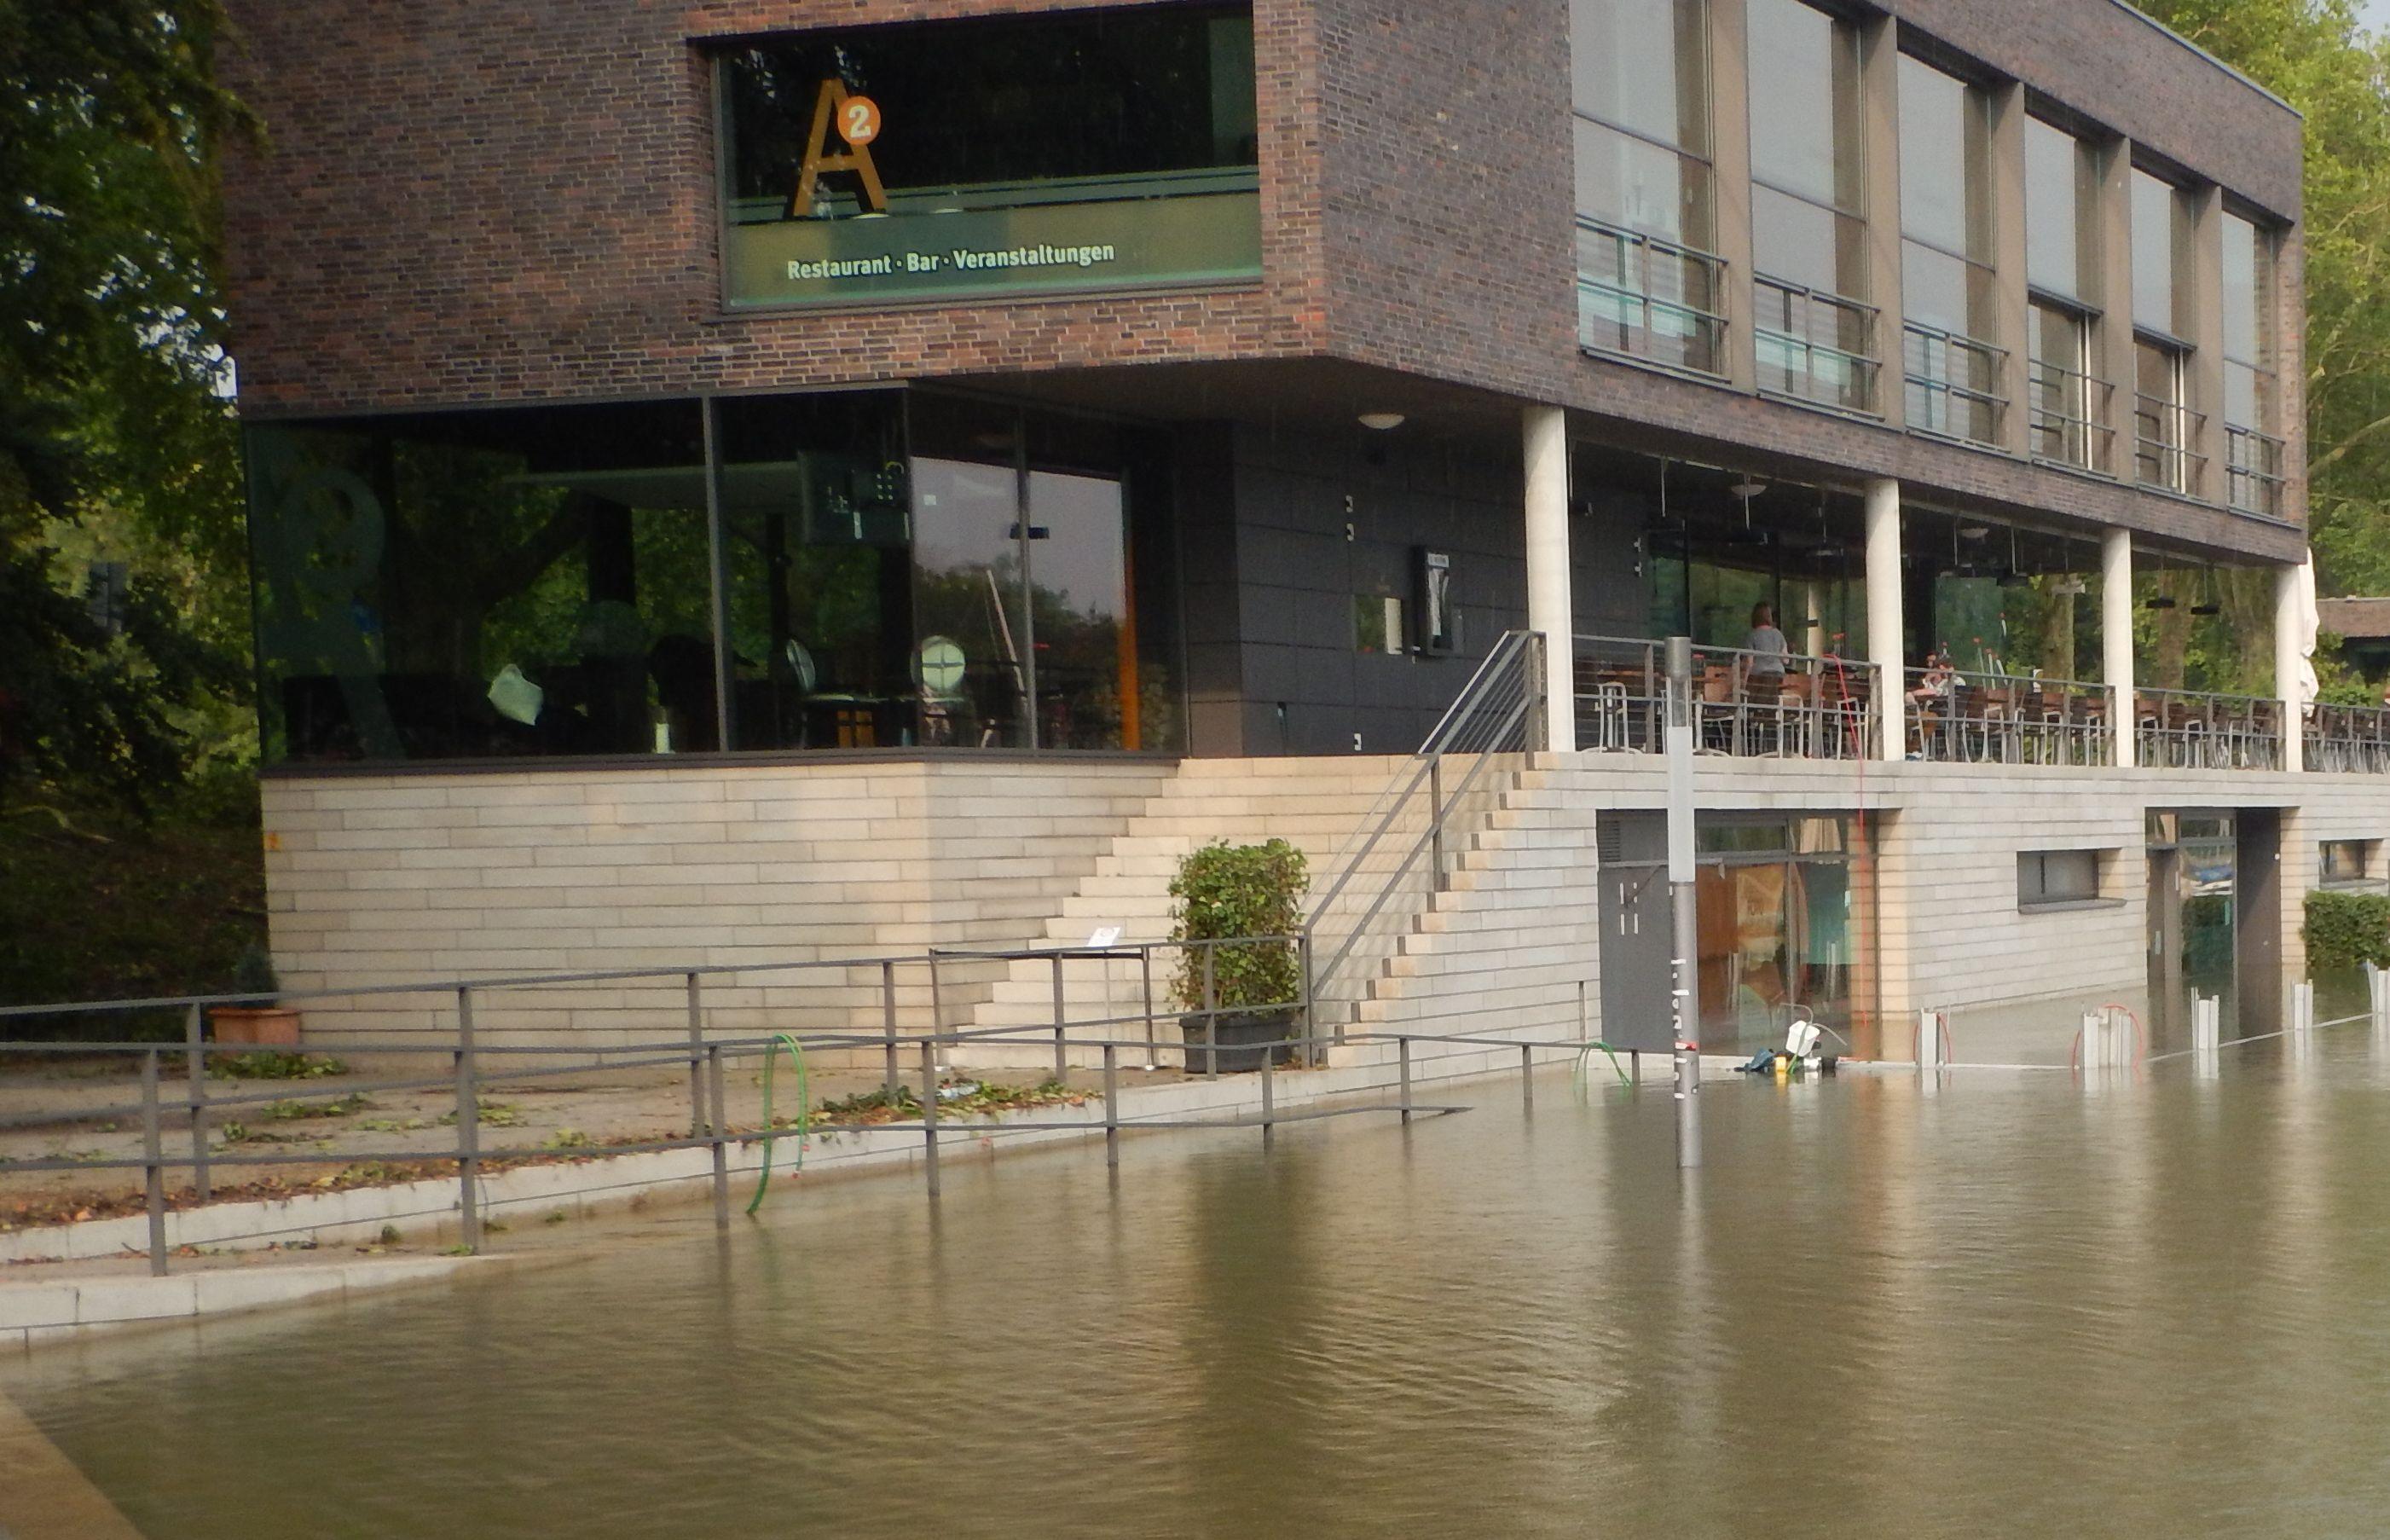 Starkregen 2014 in Münster,  Hochwasser, das Dammbaklensystem ist überflutet worden